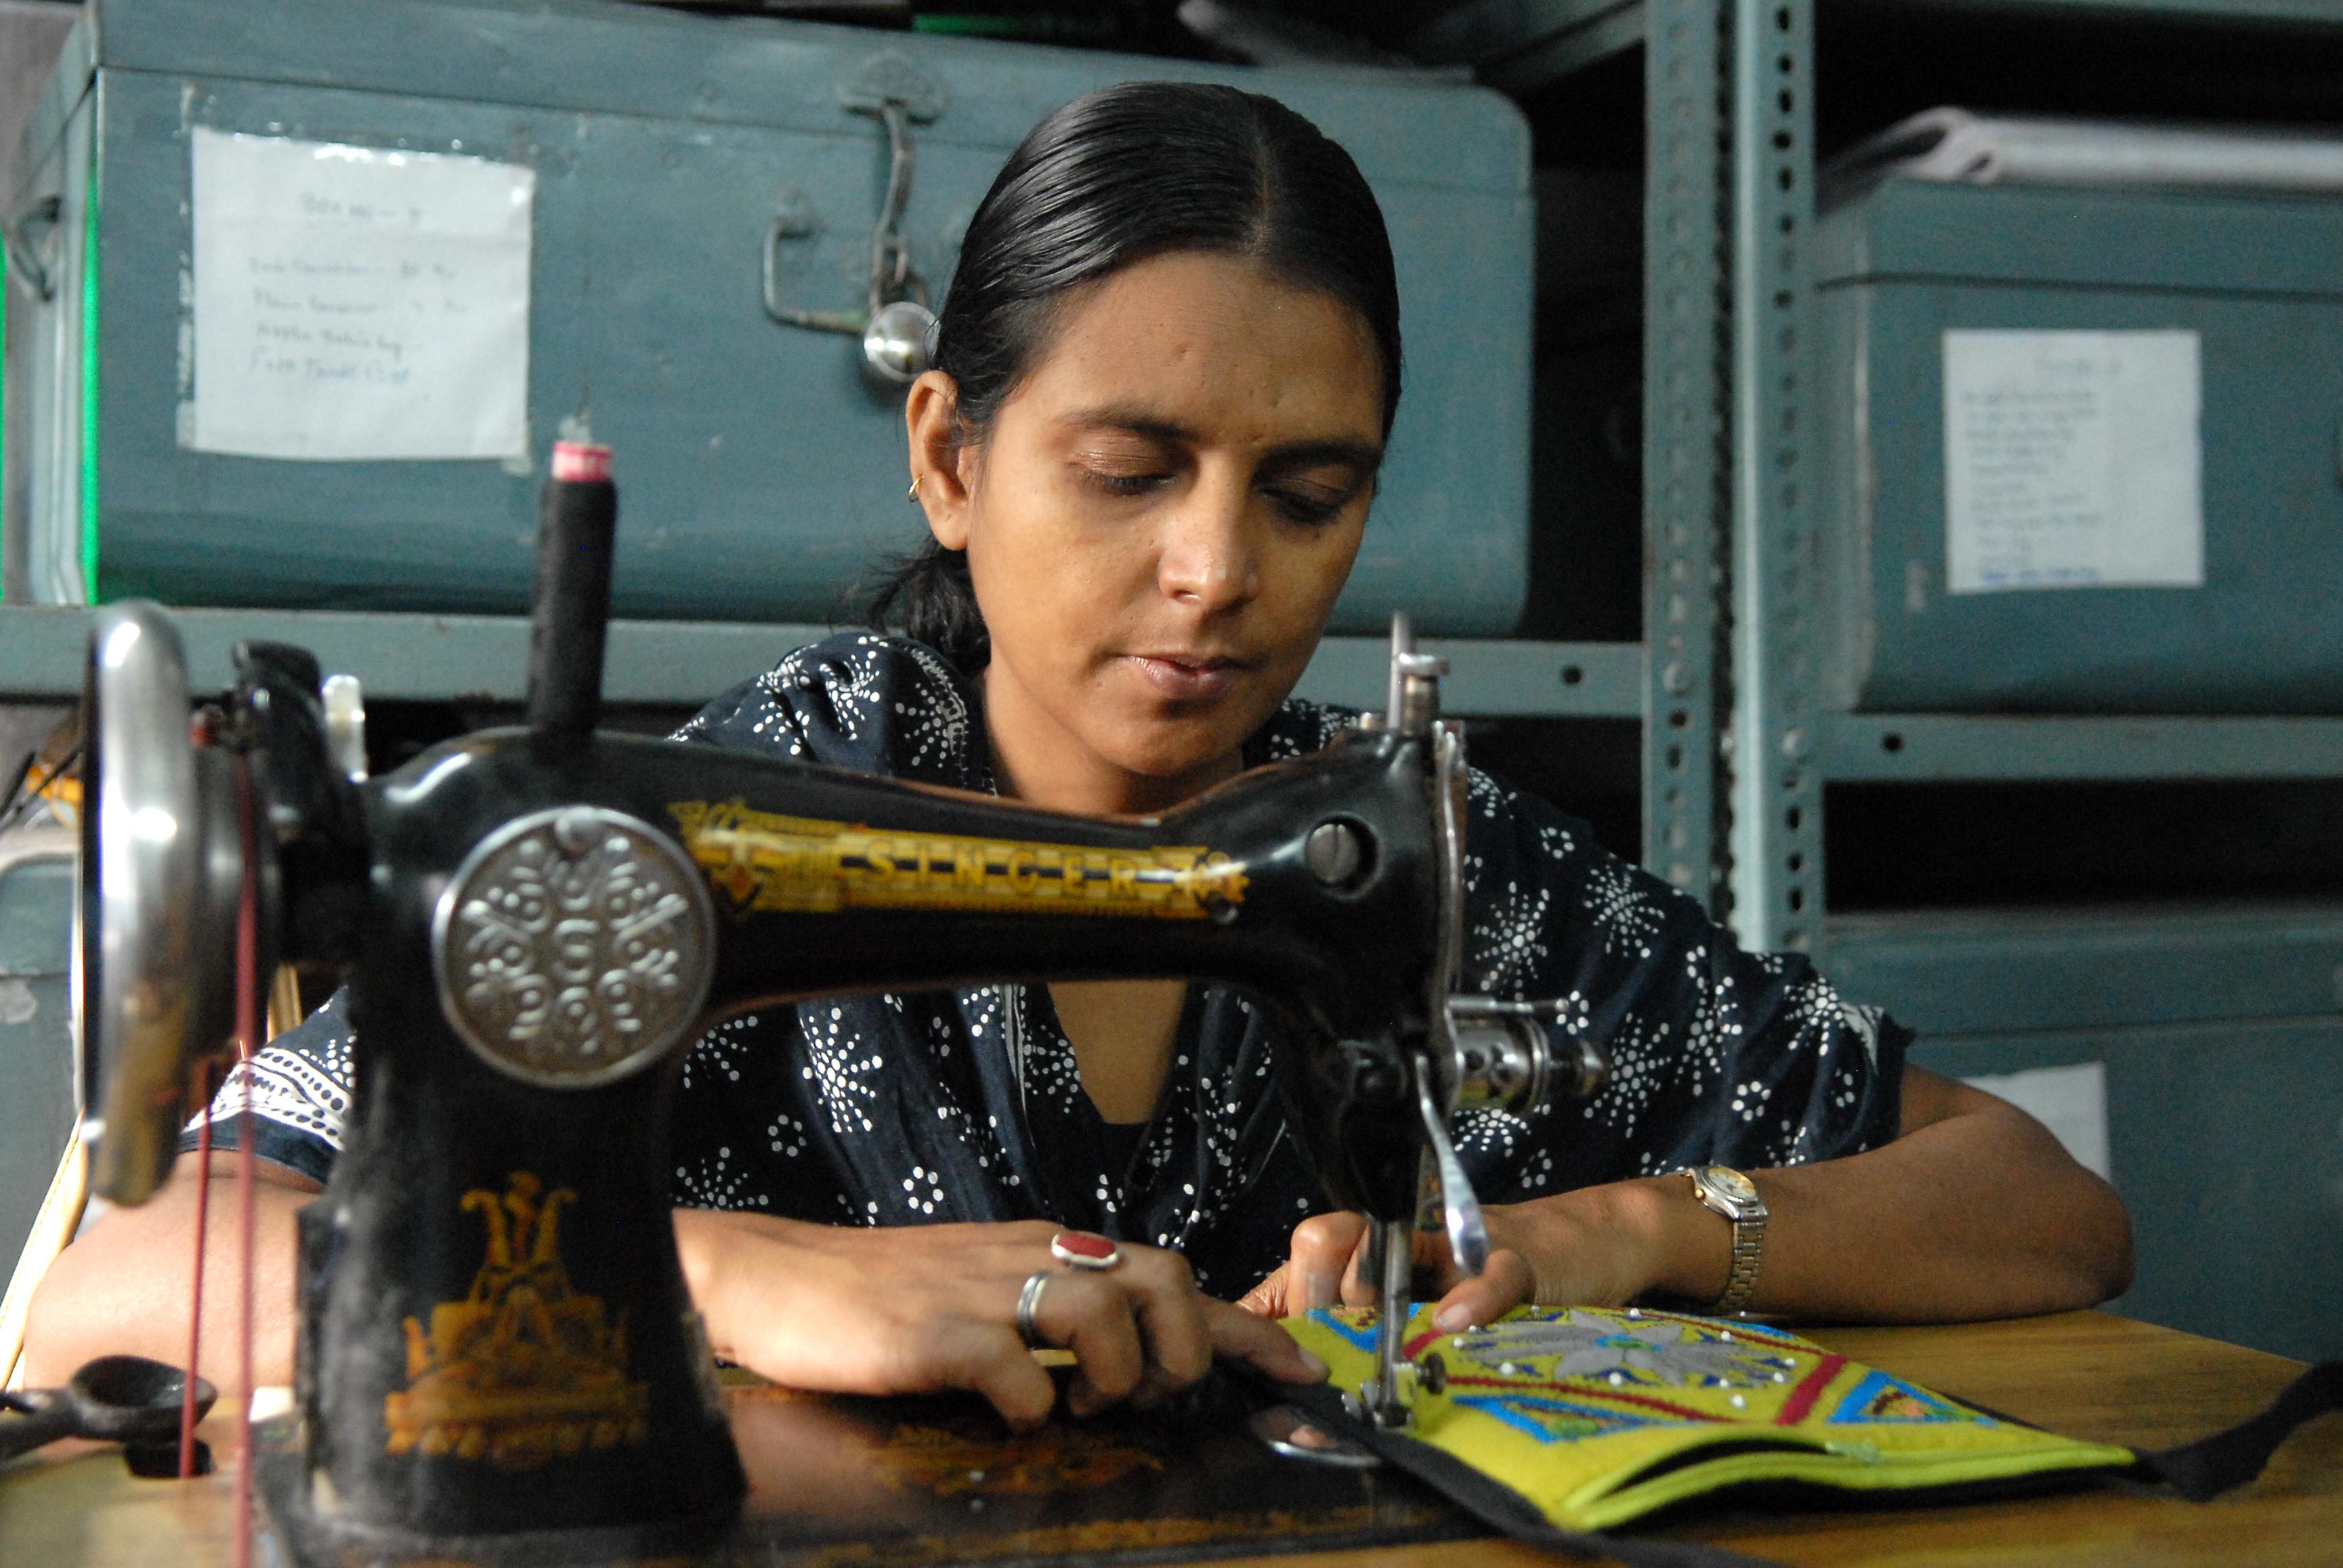 Eine Frau arbeitet im Rahmen des erweiterten Angebotes in der Handicraft-Werkstatt.